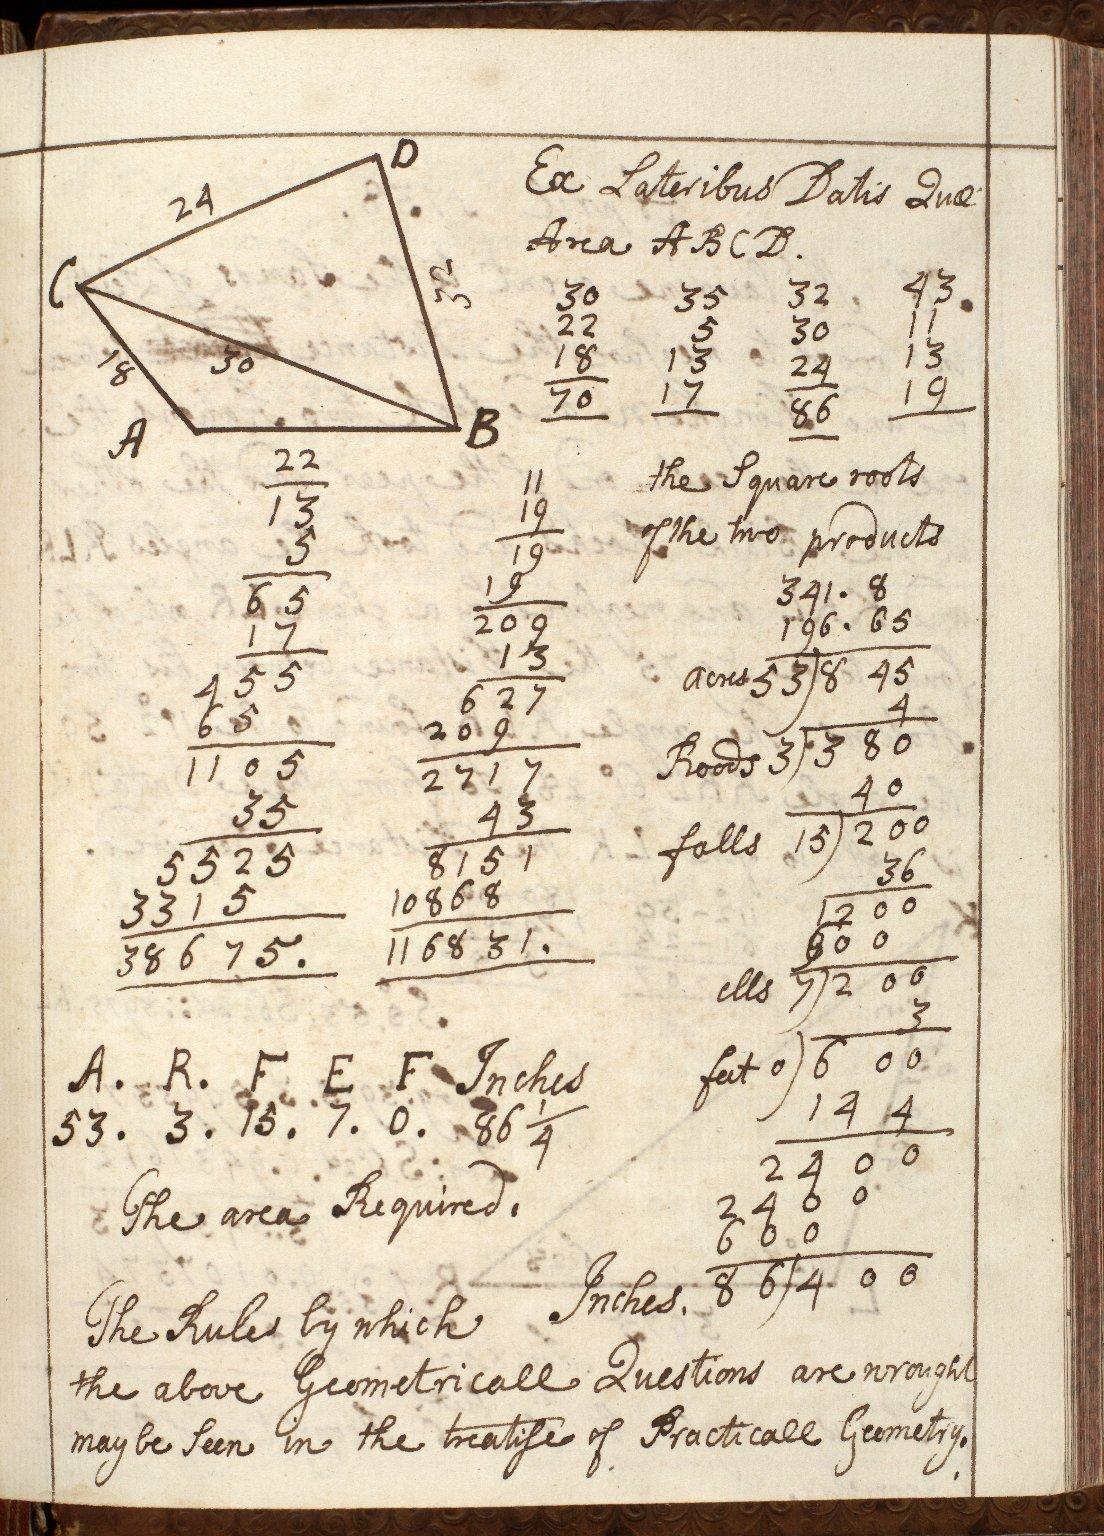 Geometria Practica A Domino Davide Gregory in Academia Edinensi Matheseos Professore. [14 of 16]